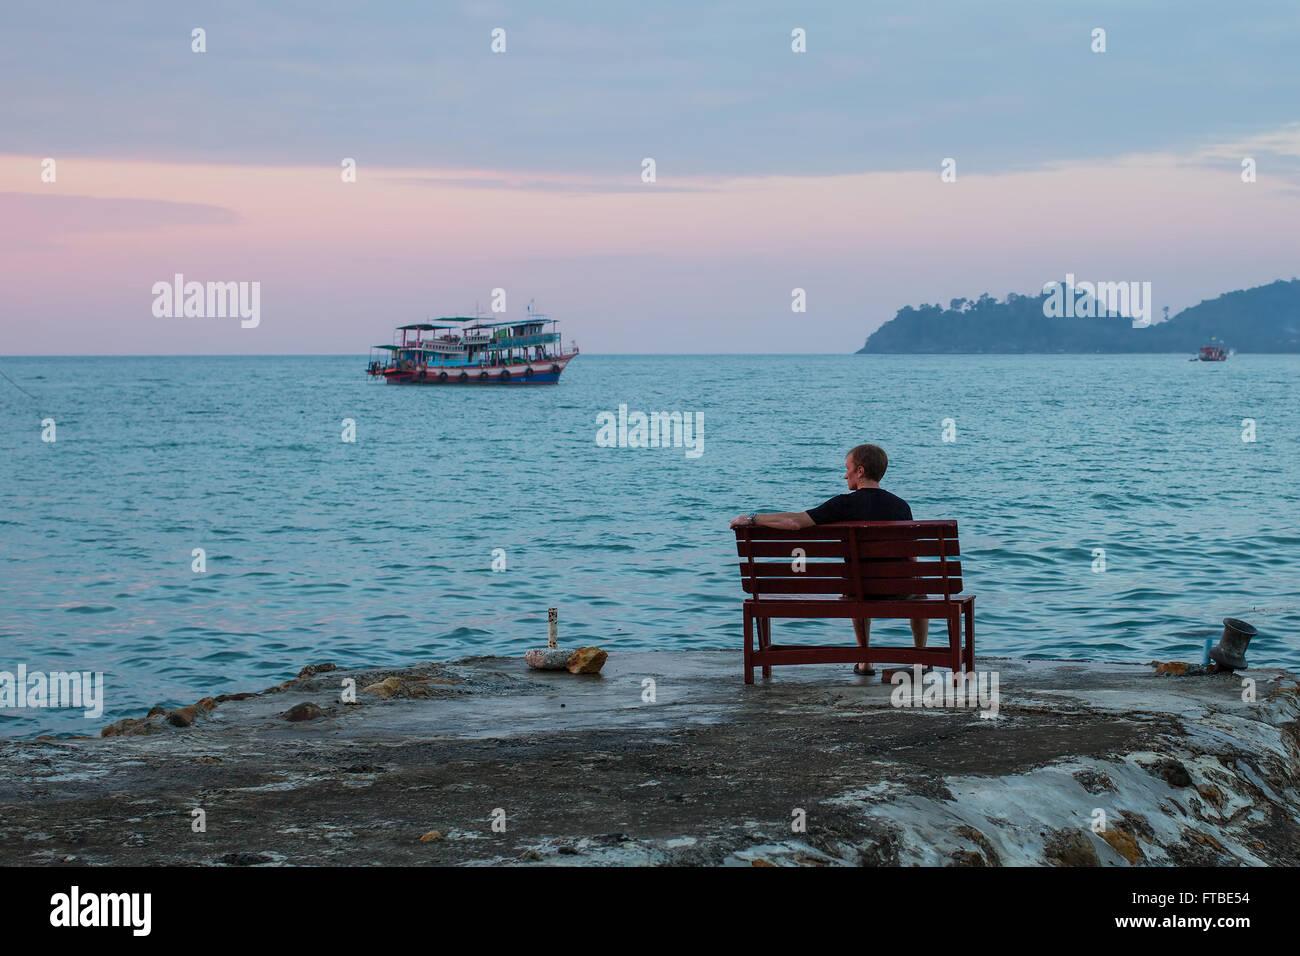 Homme seul est assis sur un banc sur la côte face à la mer. Photo Stock